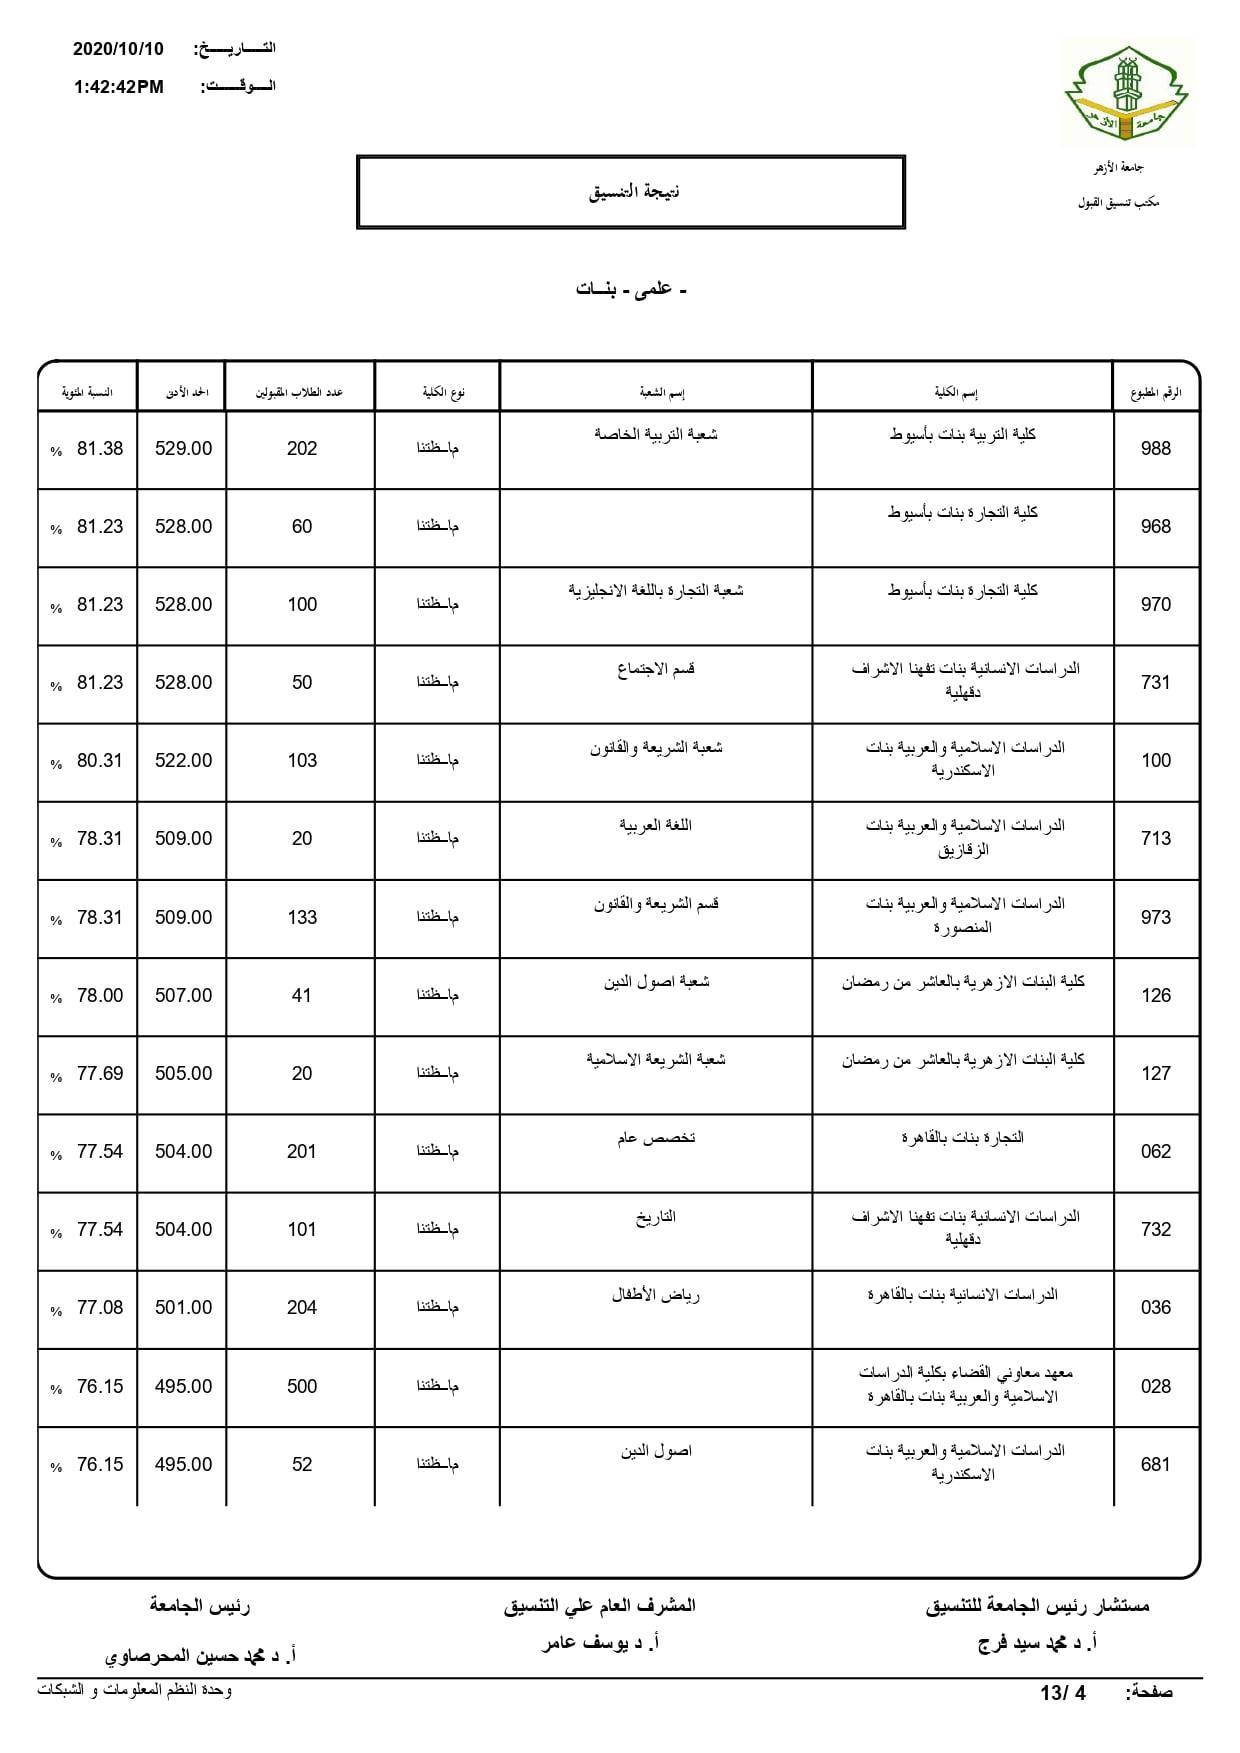 نتيجة تنسيق كليات جامعة الأزهر لعام 2020 بالكامل 20201010203310647